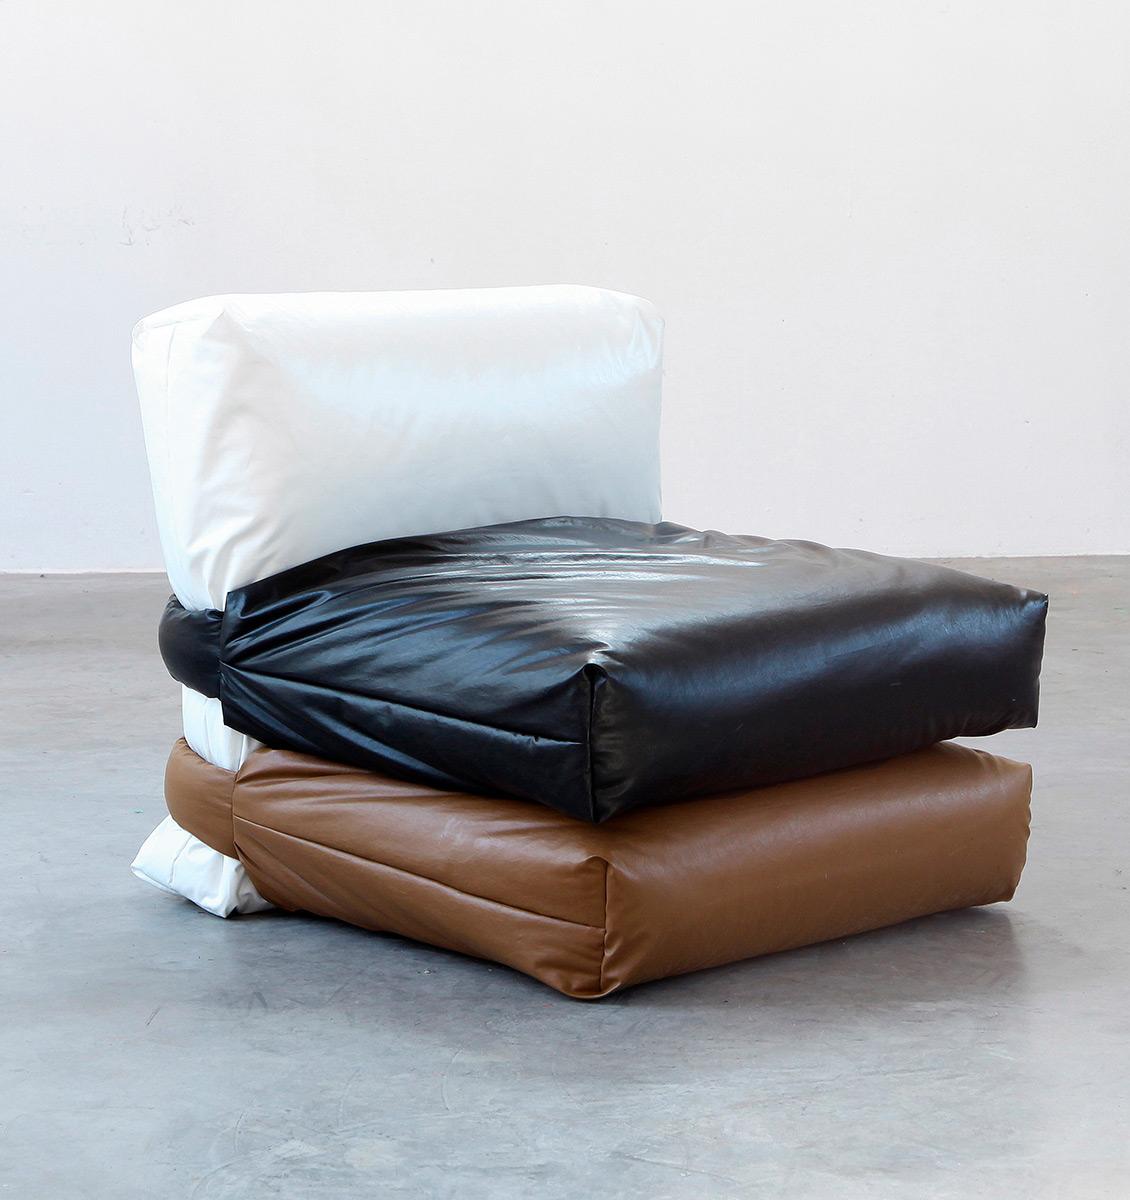 Pillow-Sofa-Muller-Van-Severen-Kassl-Editions-04